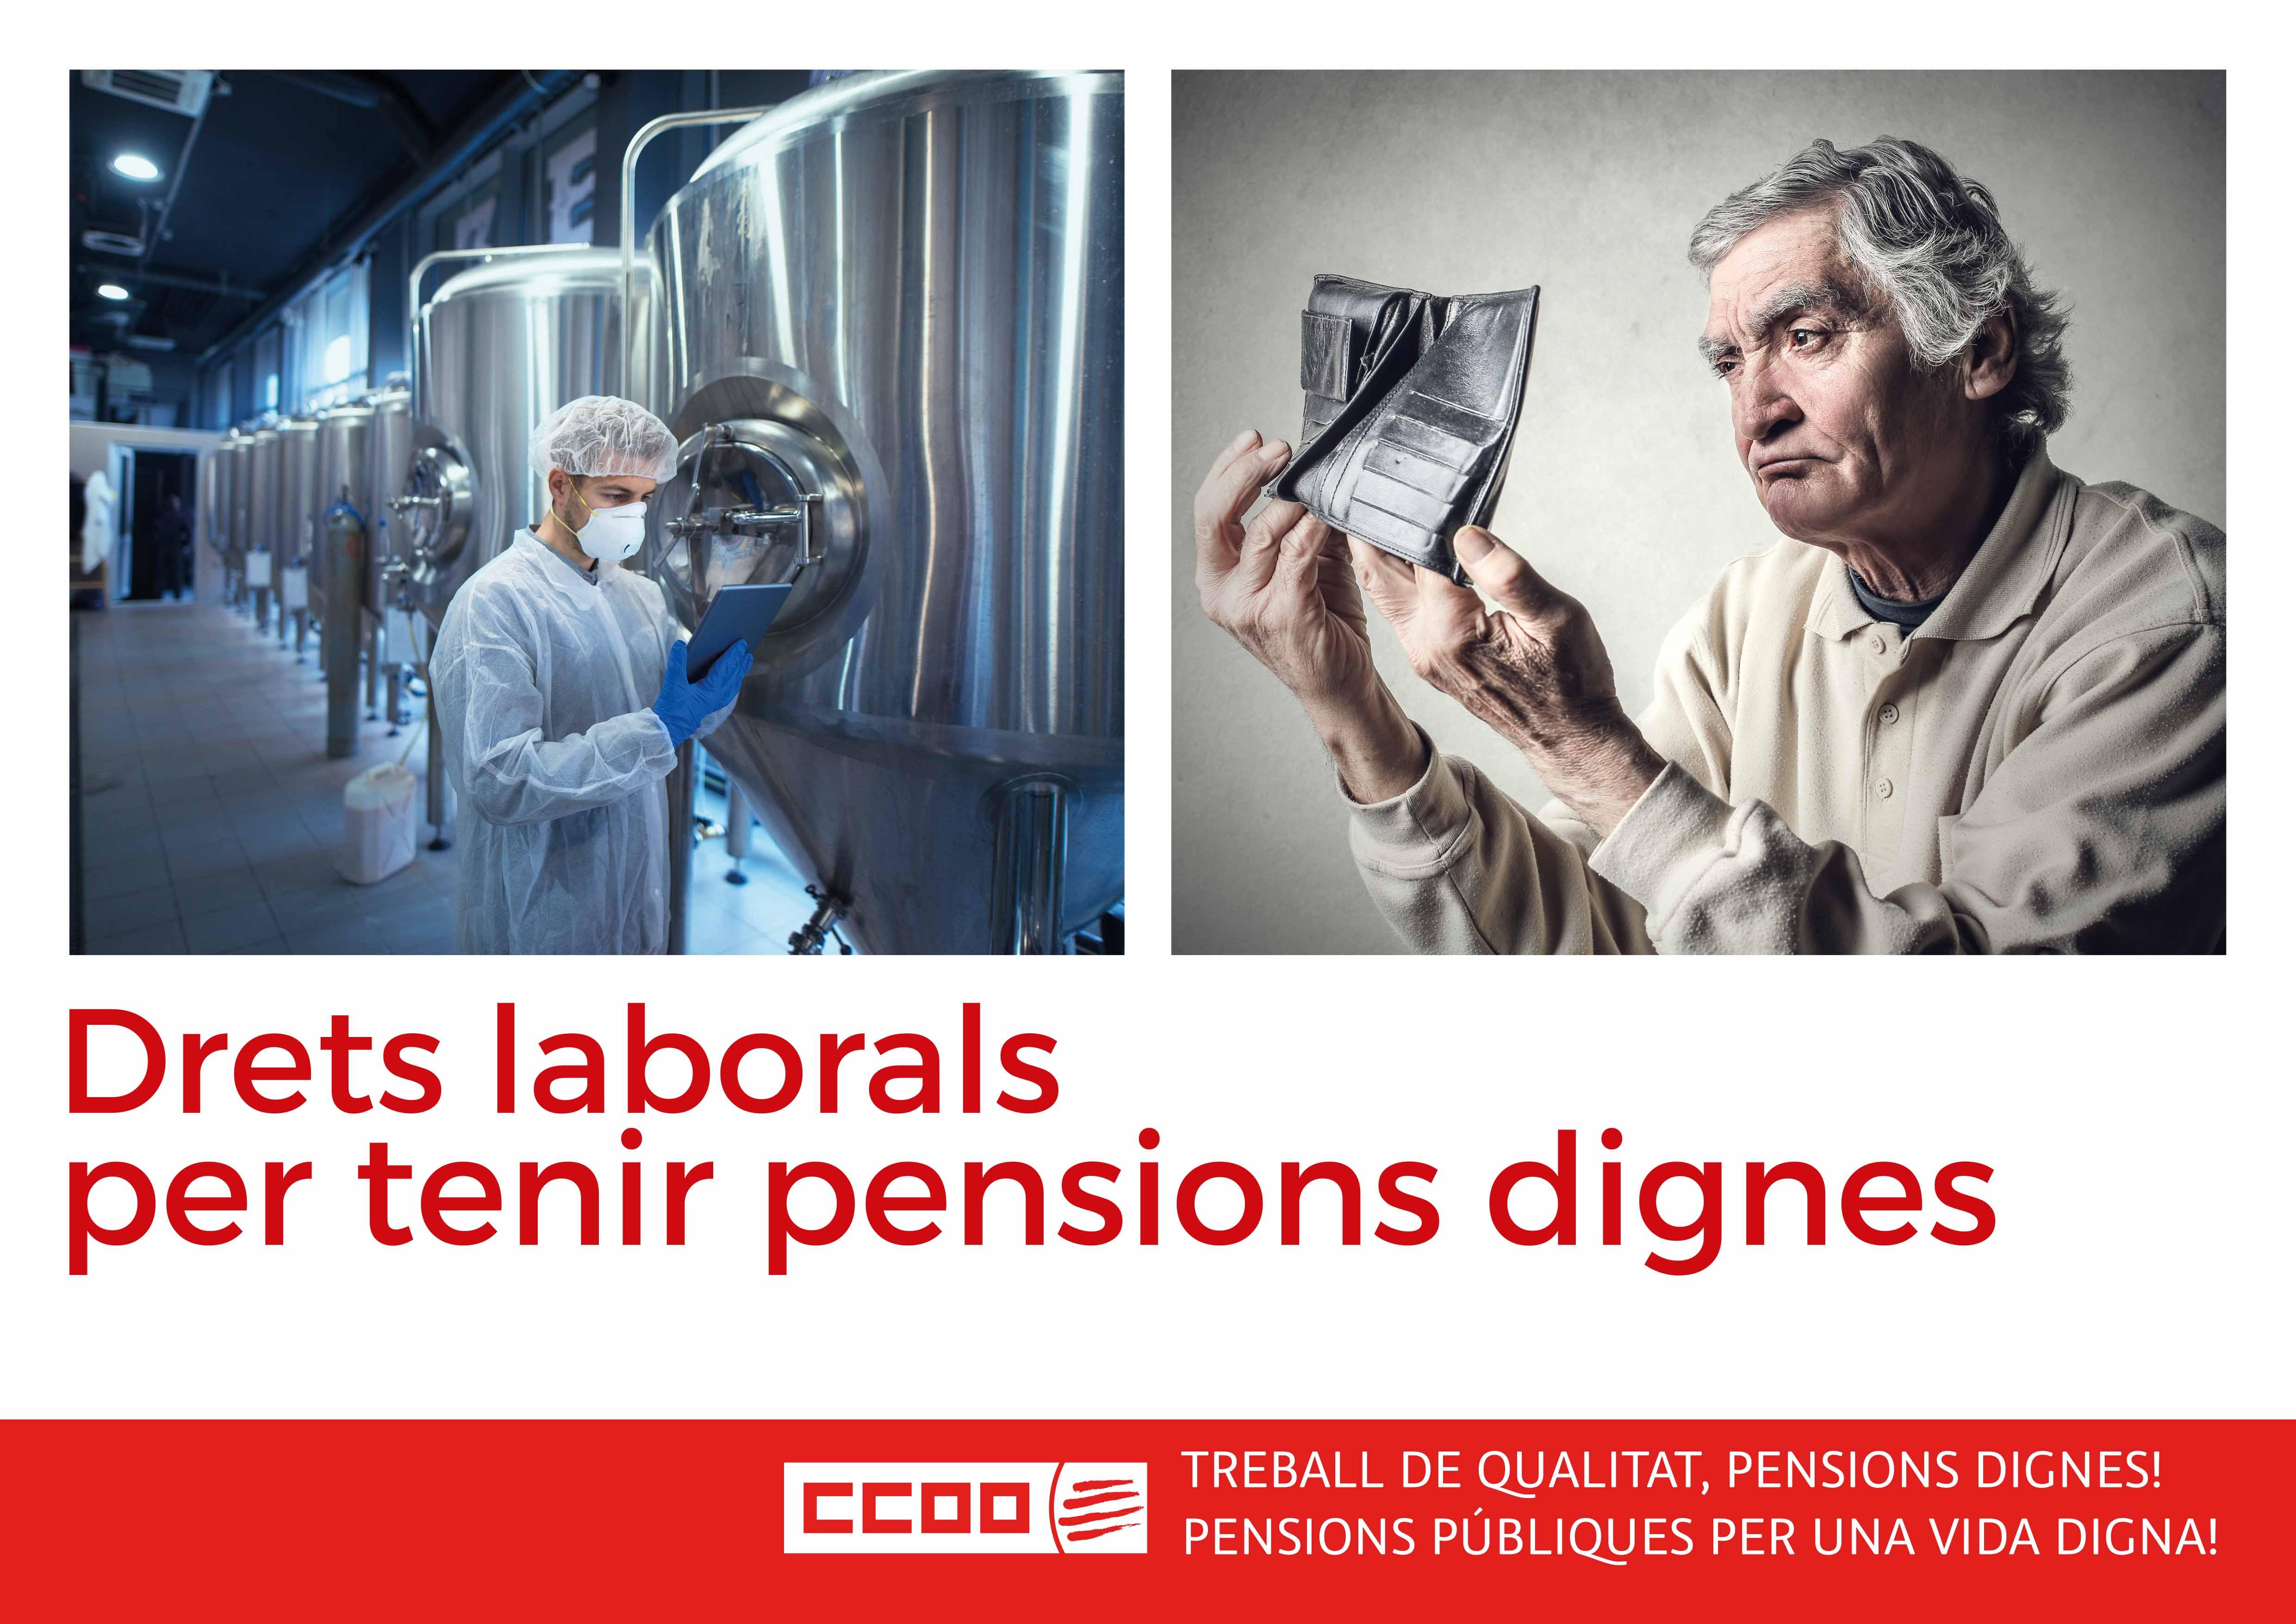 Drets laborals per tenir pensions dignes